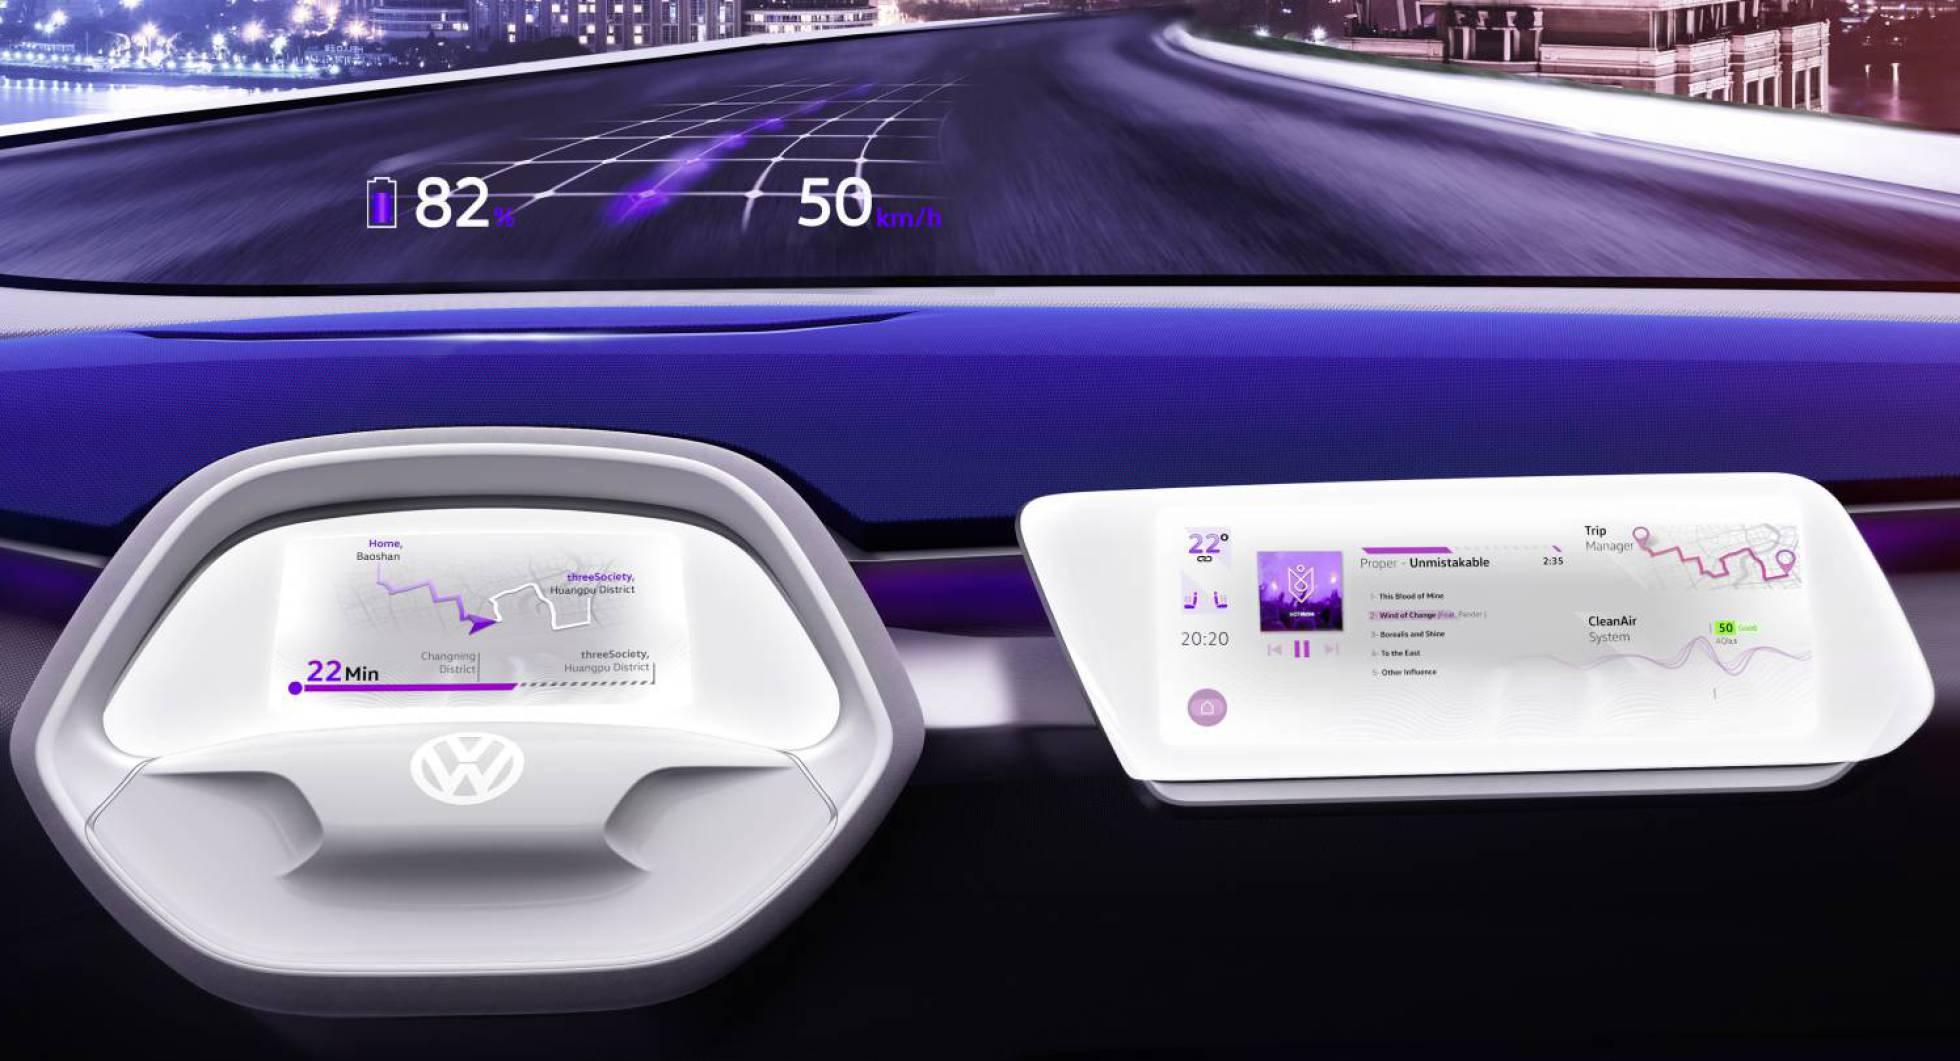 La nueva generación de coches, en la diana de los ataques informáticos